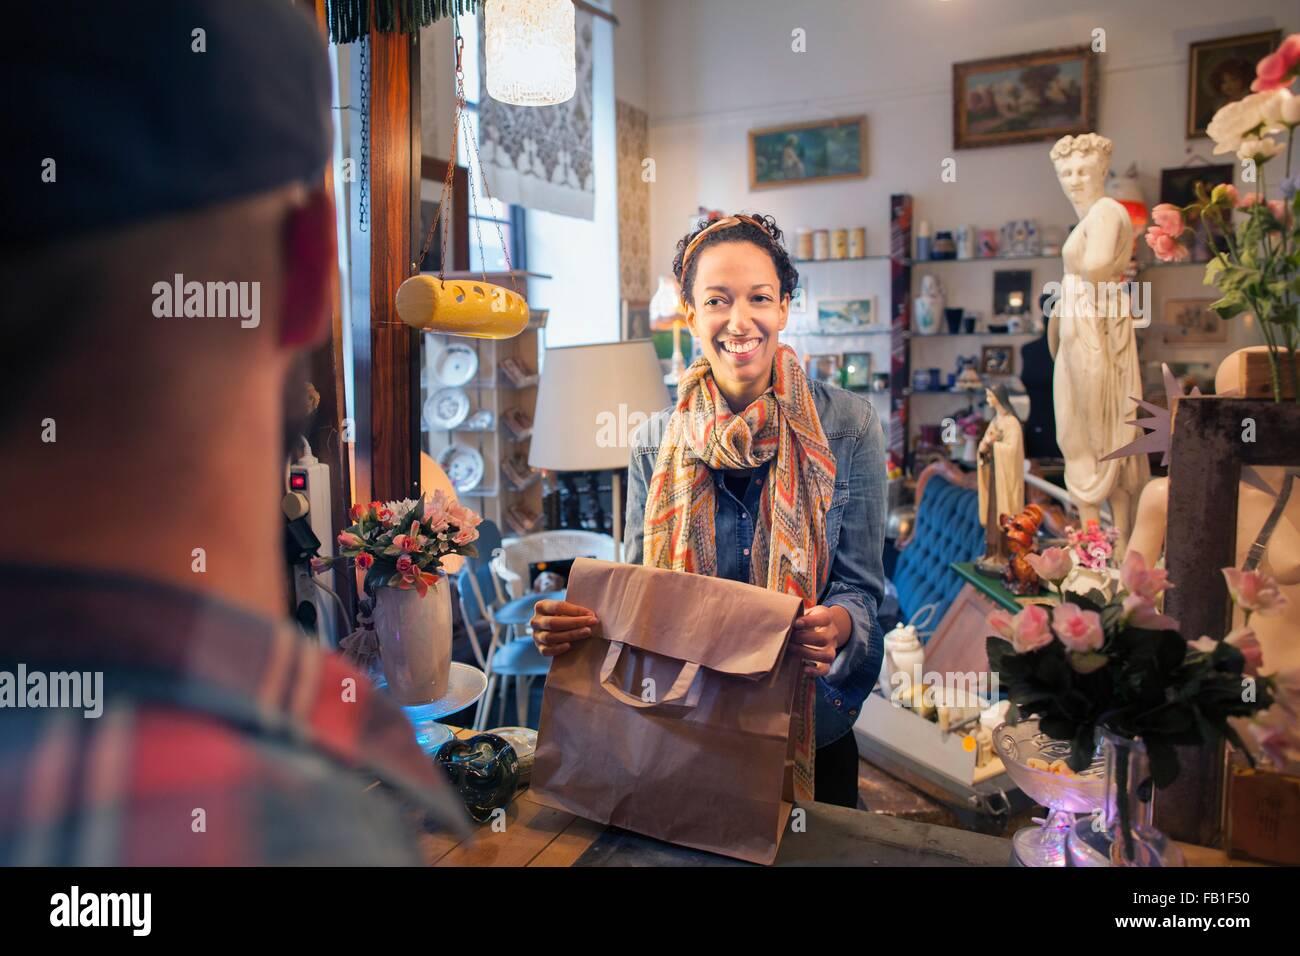 Felice giovane femmina cliente acquisti dal negozio vintage Immagini Stock